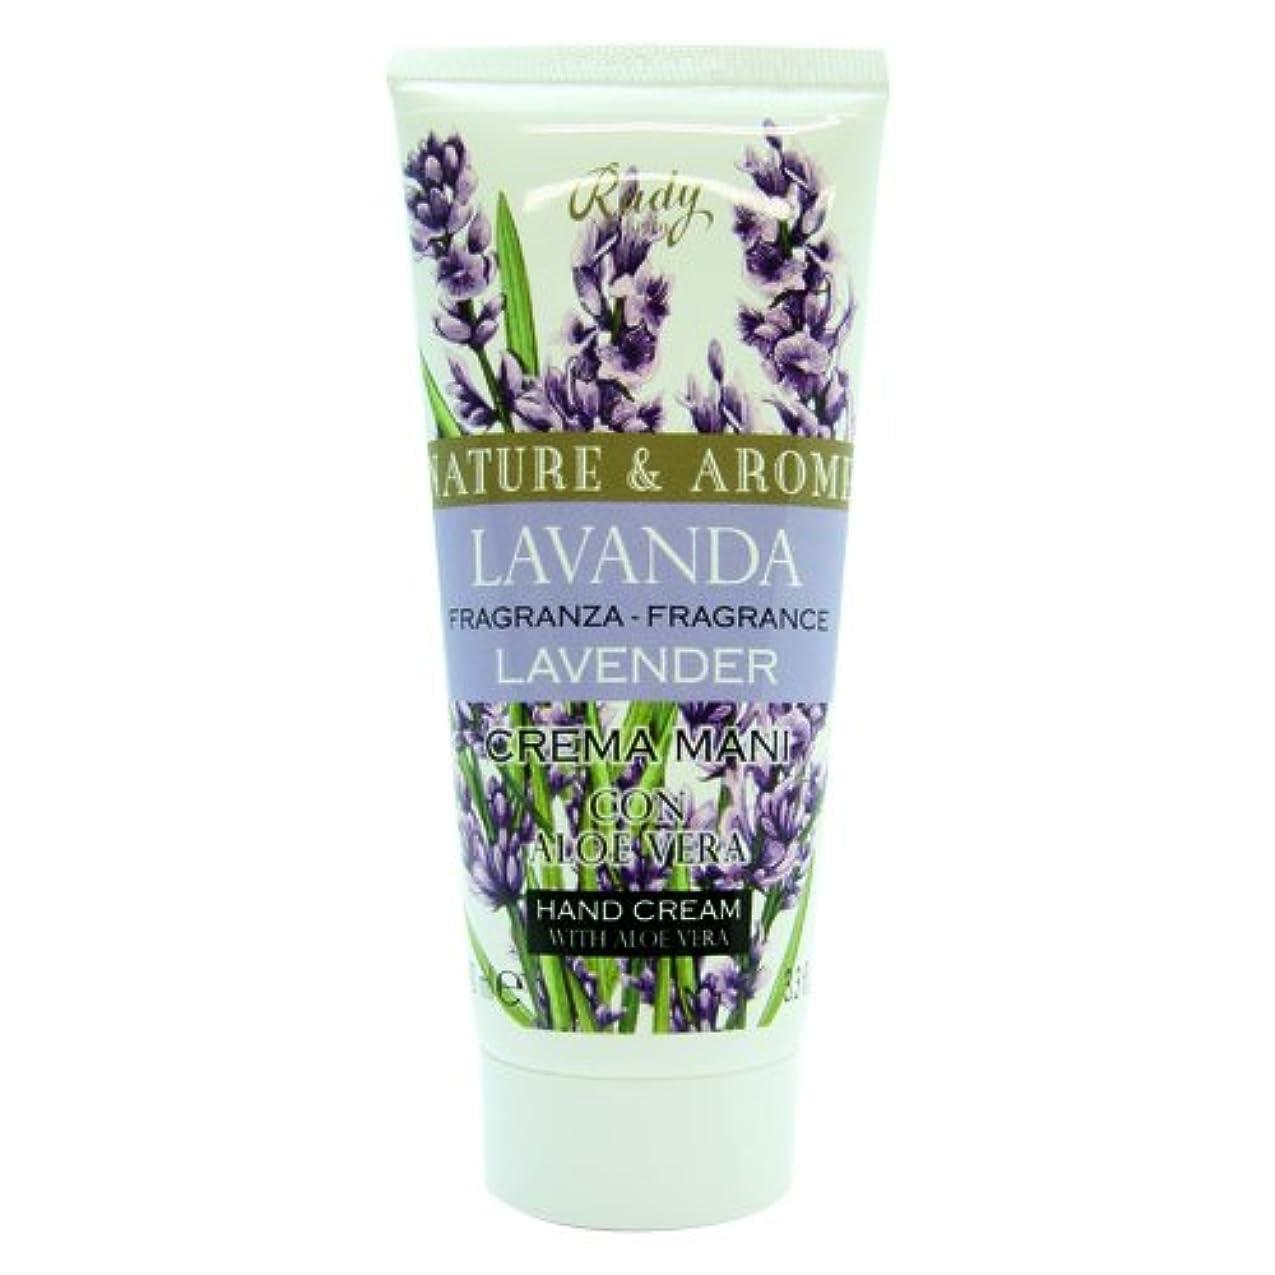 状況シャーロットブロンテ形式RUDY Nature&Arome SERIES ルディ ナチュール&アロマ Hand Cream ハンドクリーム  Lavender ラベンダー